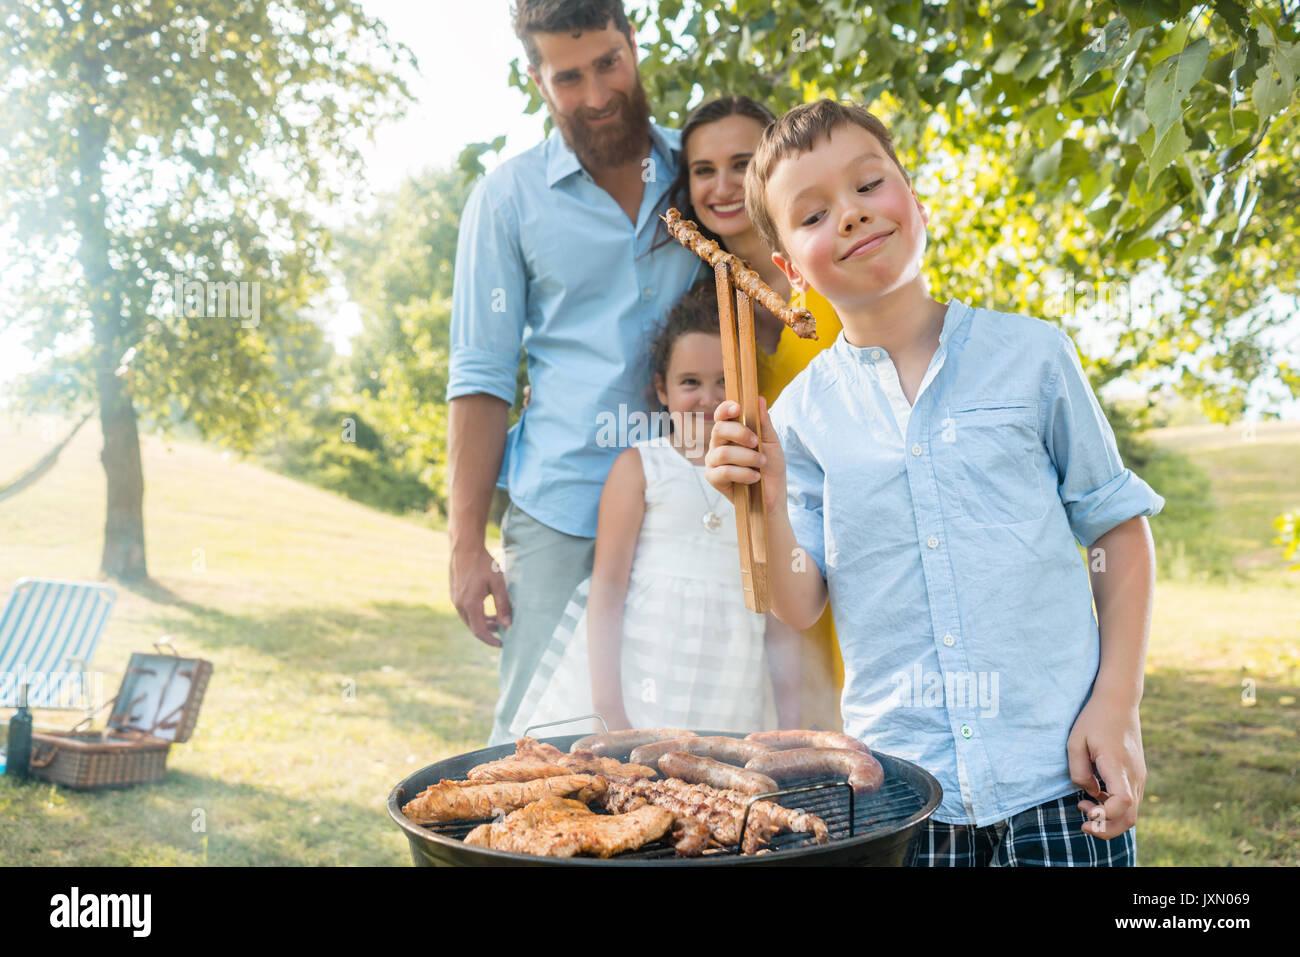 Portrait de famille heureuse avec deux enfants à l'extérieur permanent nea Photo Stock